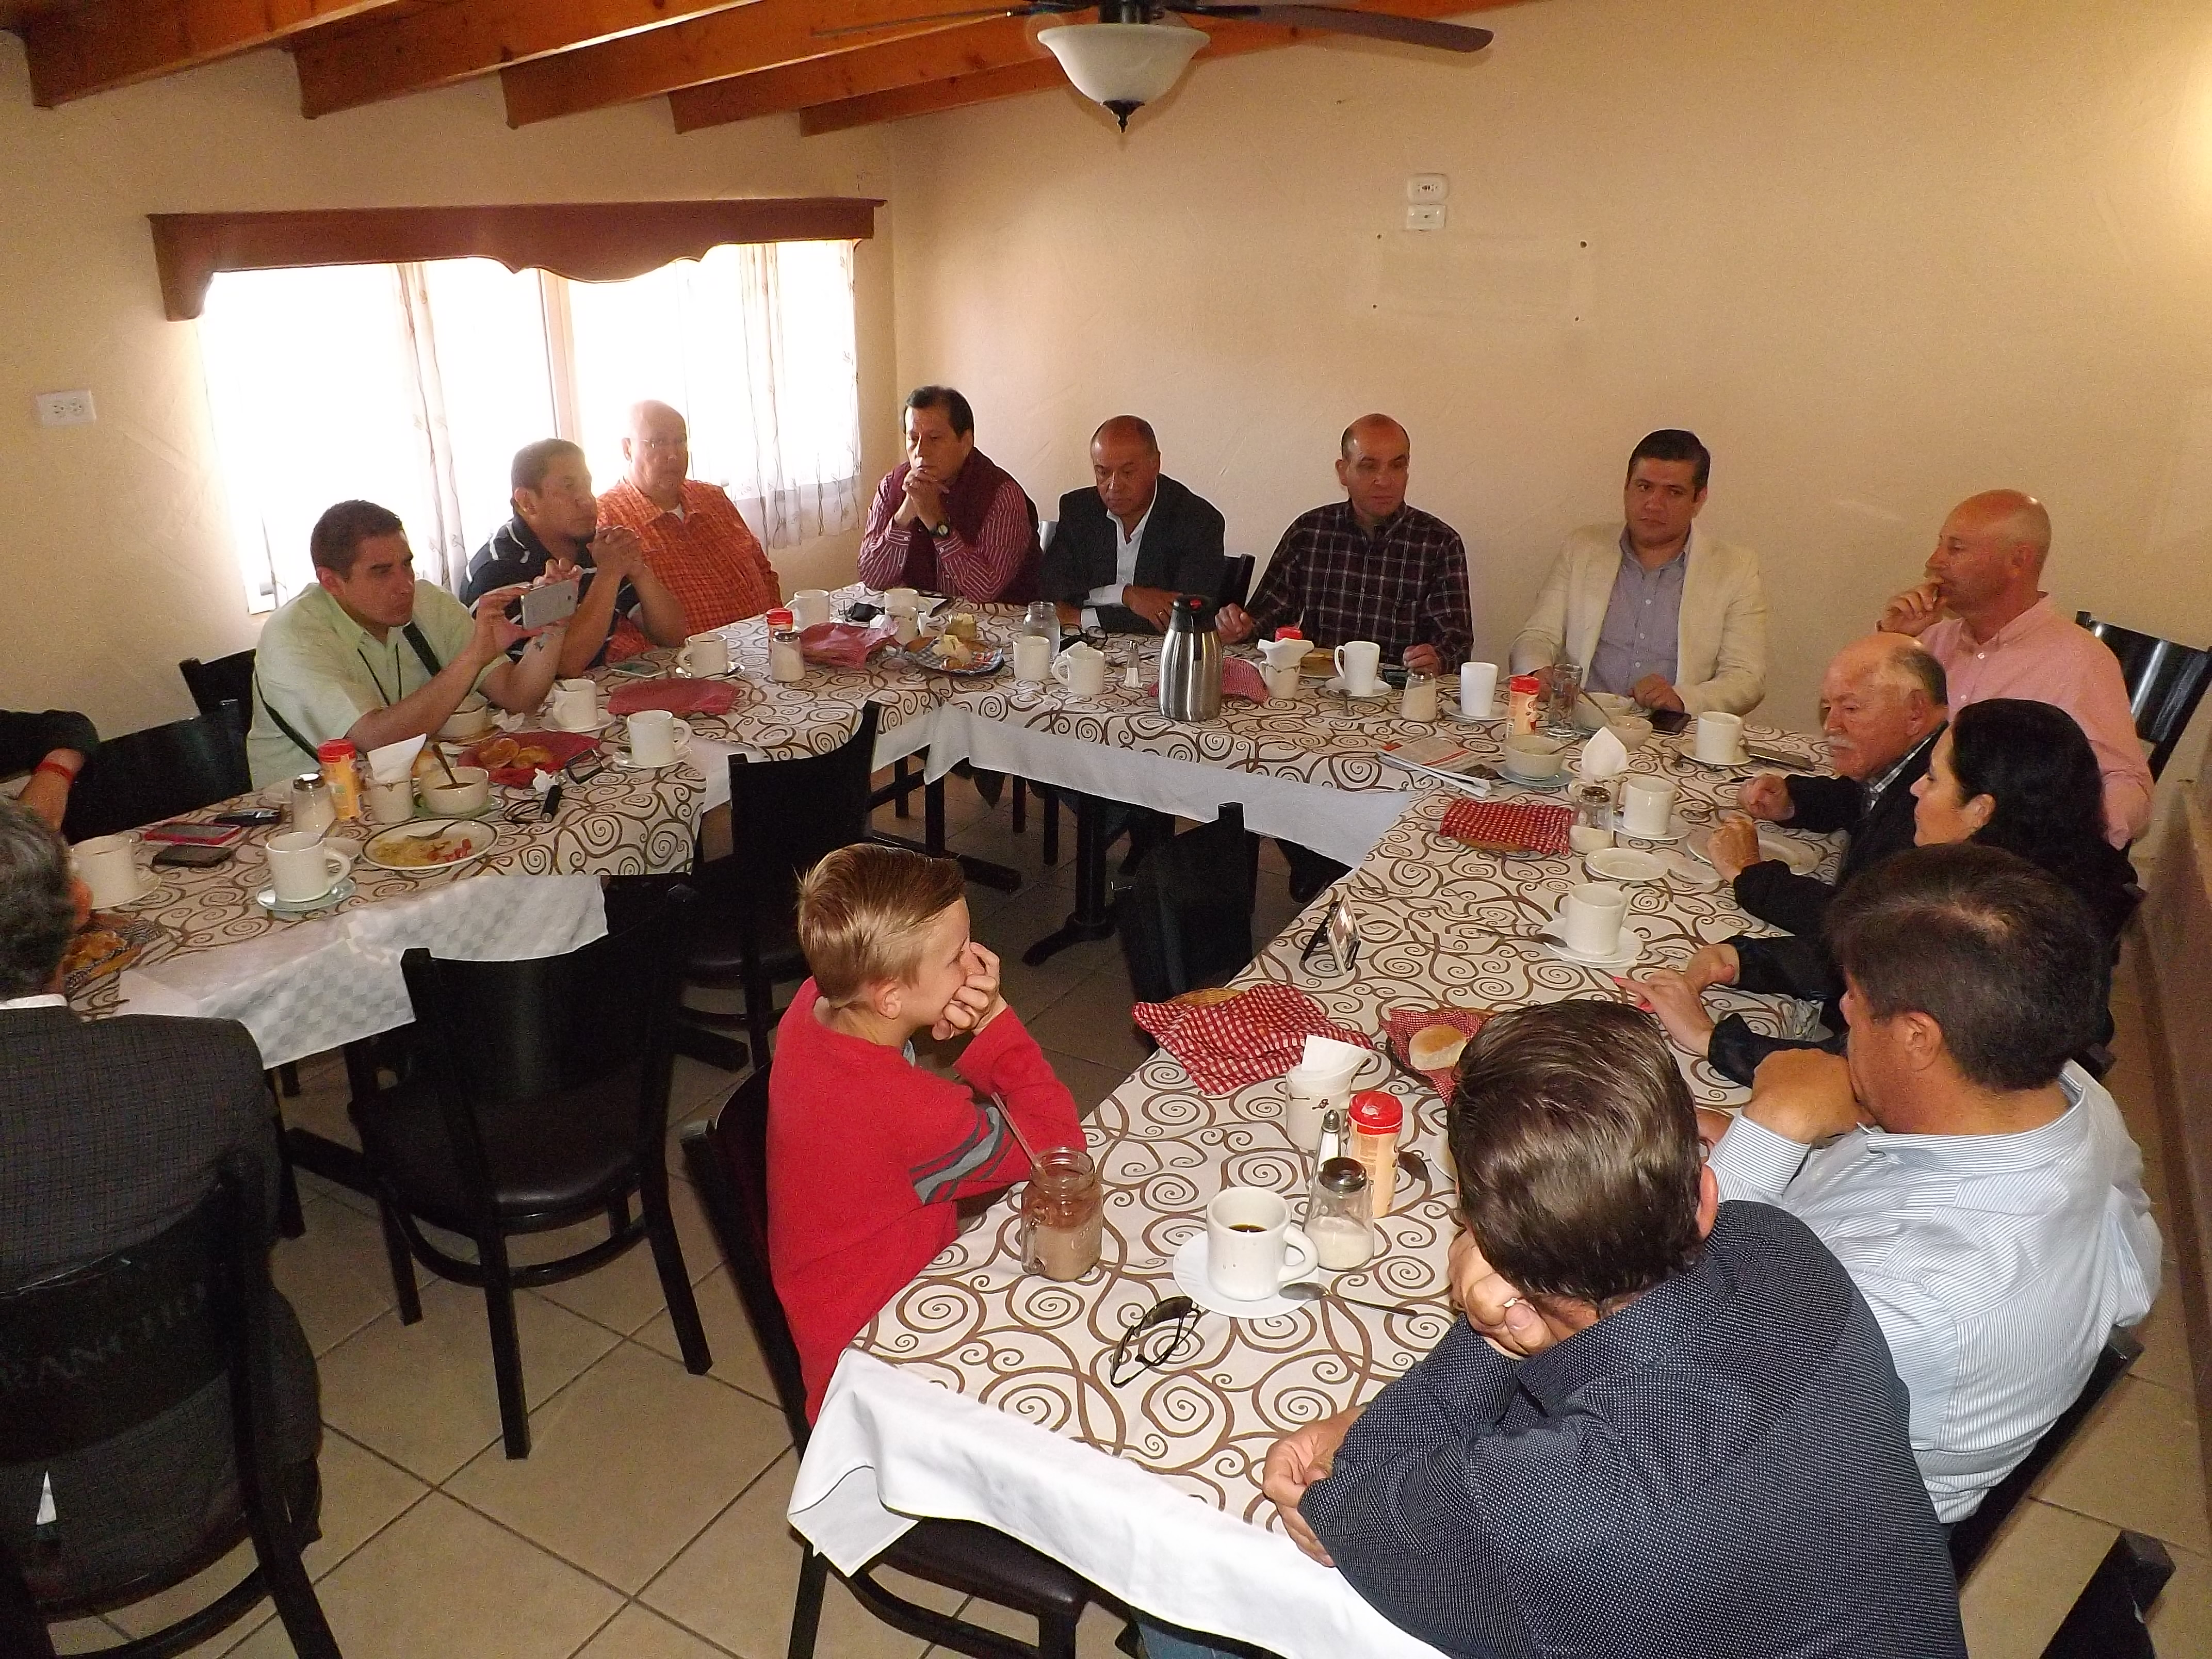 Se creará foro de periodistas en la ciudad de Cuauhtemoc - El Heraldo de Chihuahua (Comunicado de prensa)